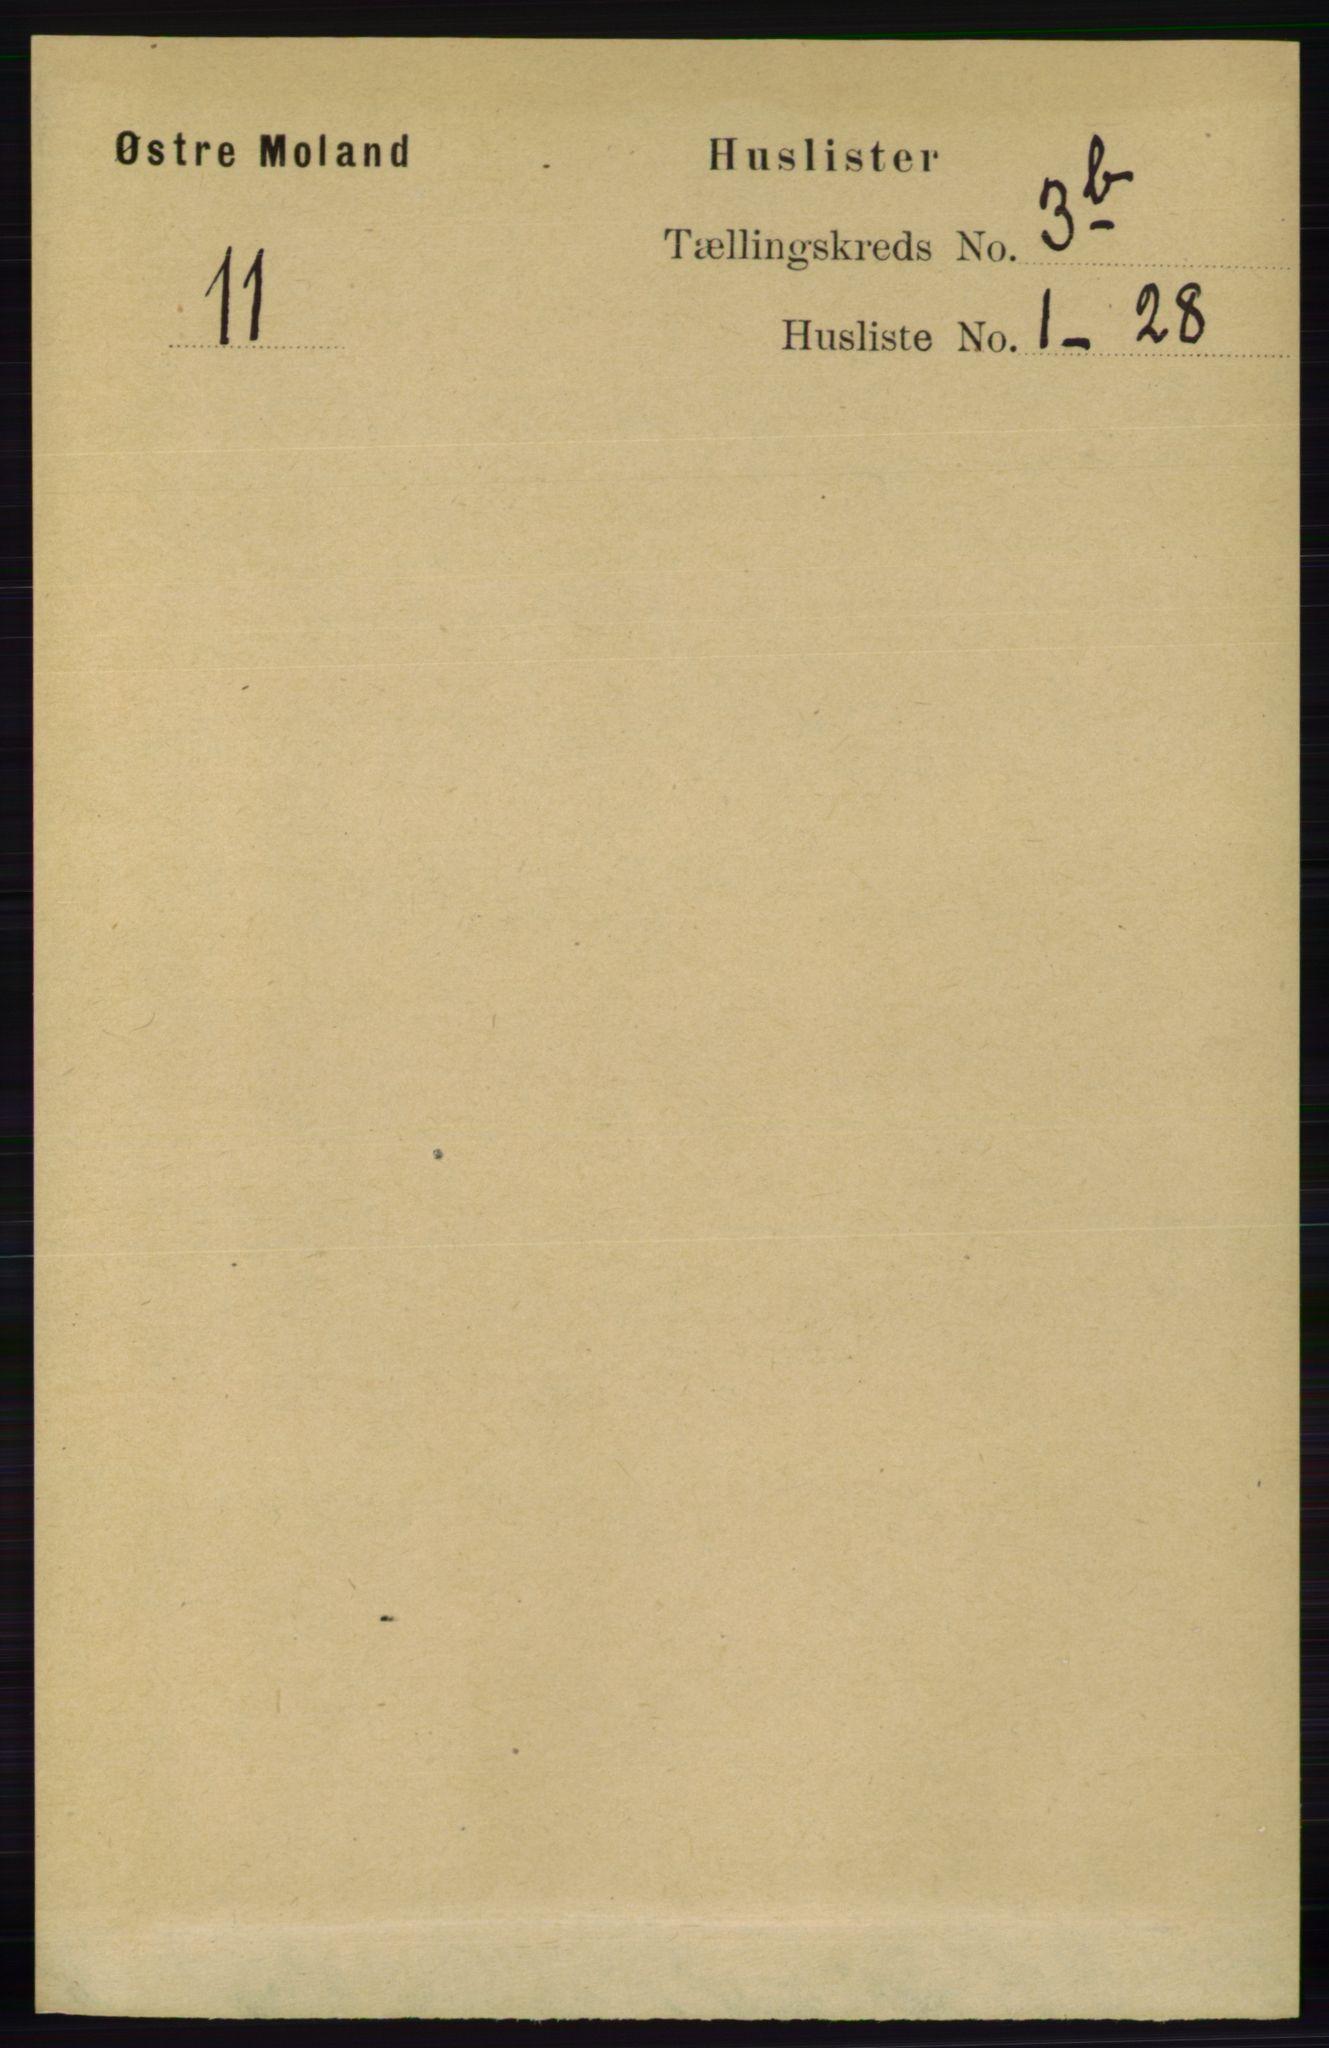 RA, Folketelling 1891 for 0918 Austre Moland herred, 1891, s. 1711